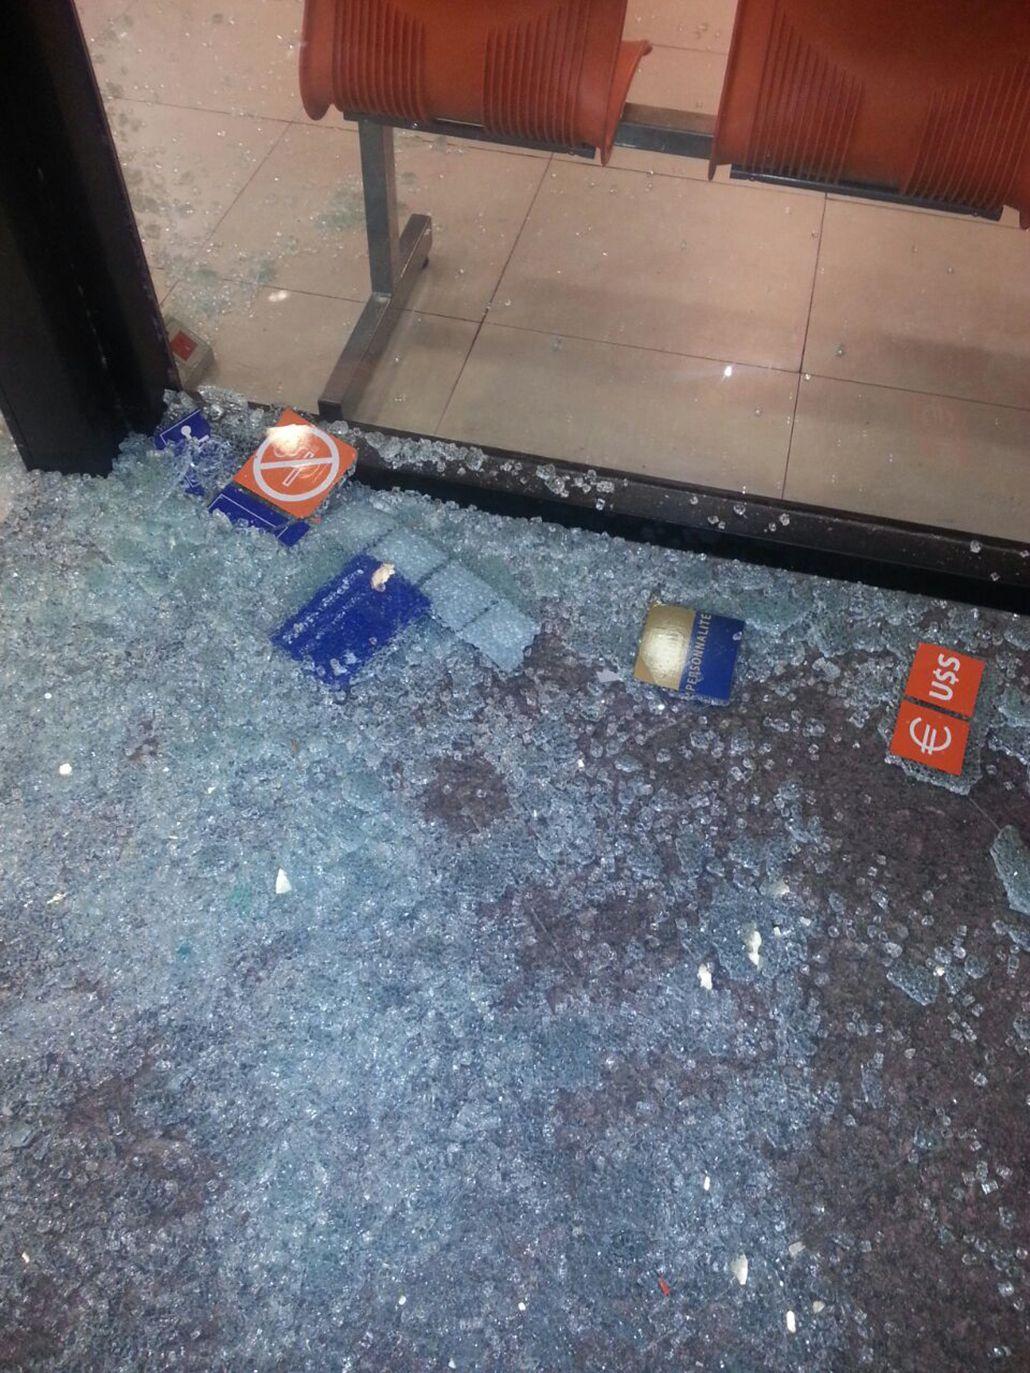 #DíaDeFuria: destruyó un banco porque el cajero le retuvo la tarjeta